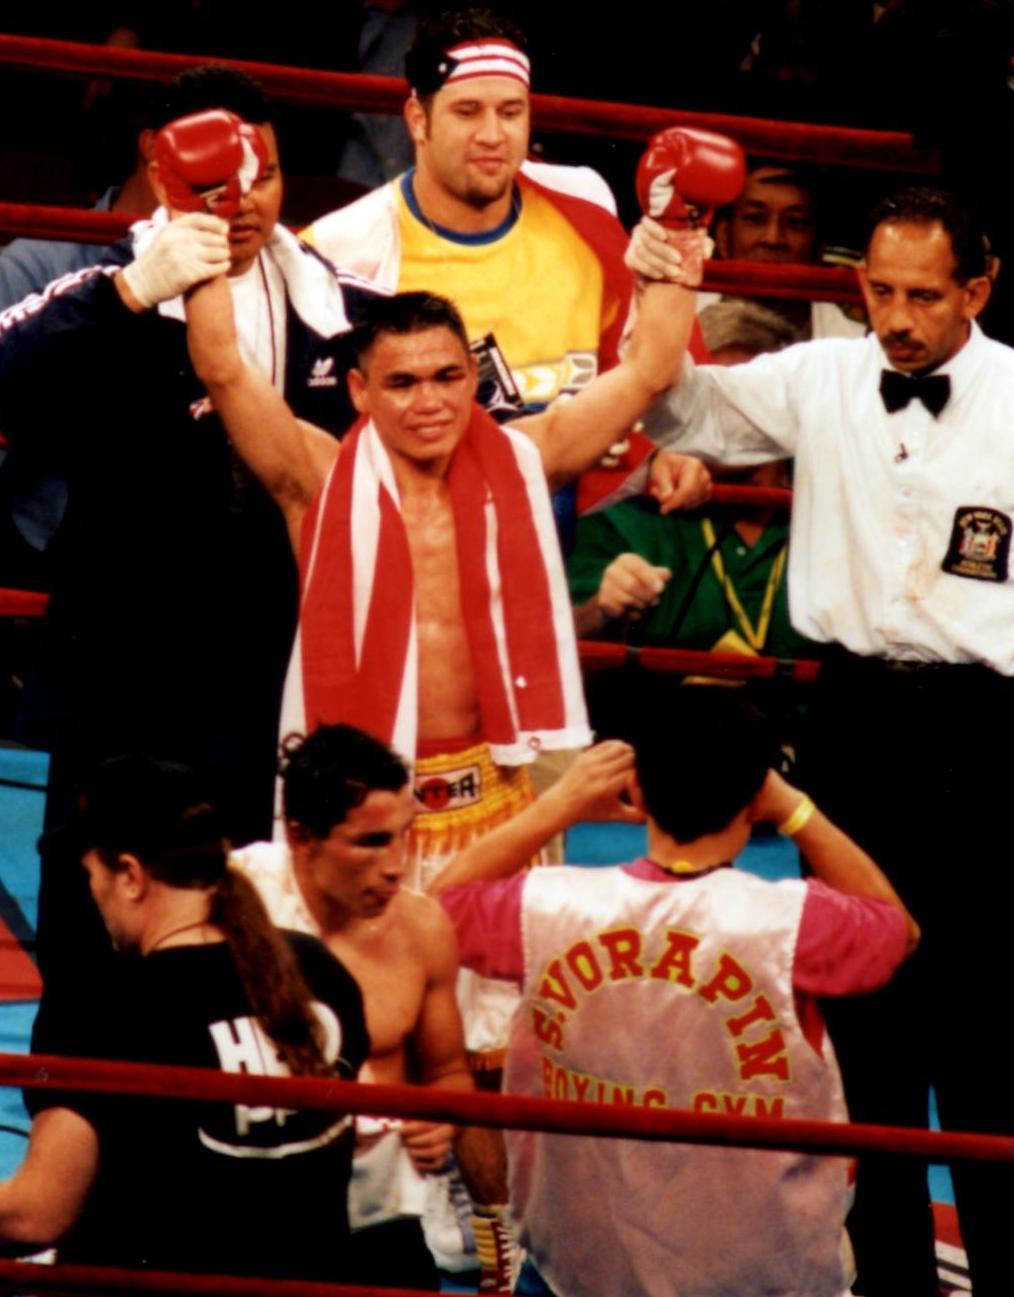 Fighters Vorapin vs. Romero #2